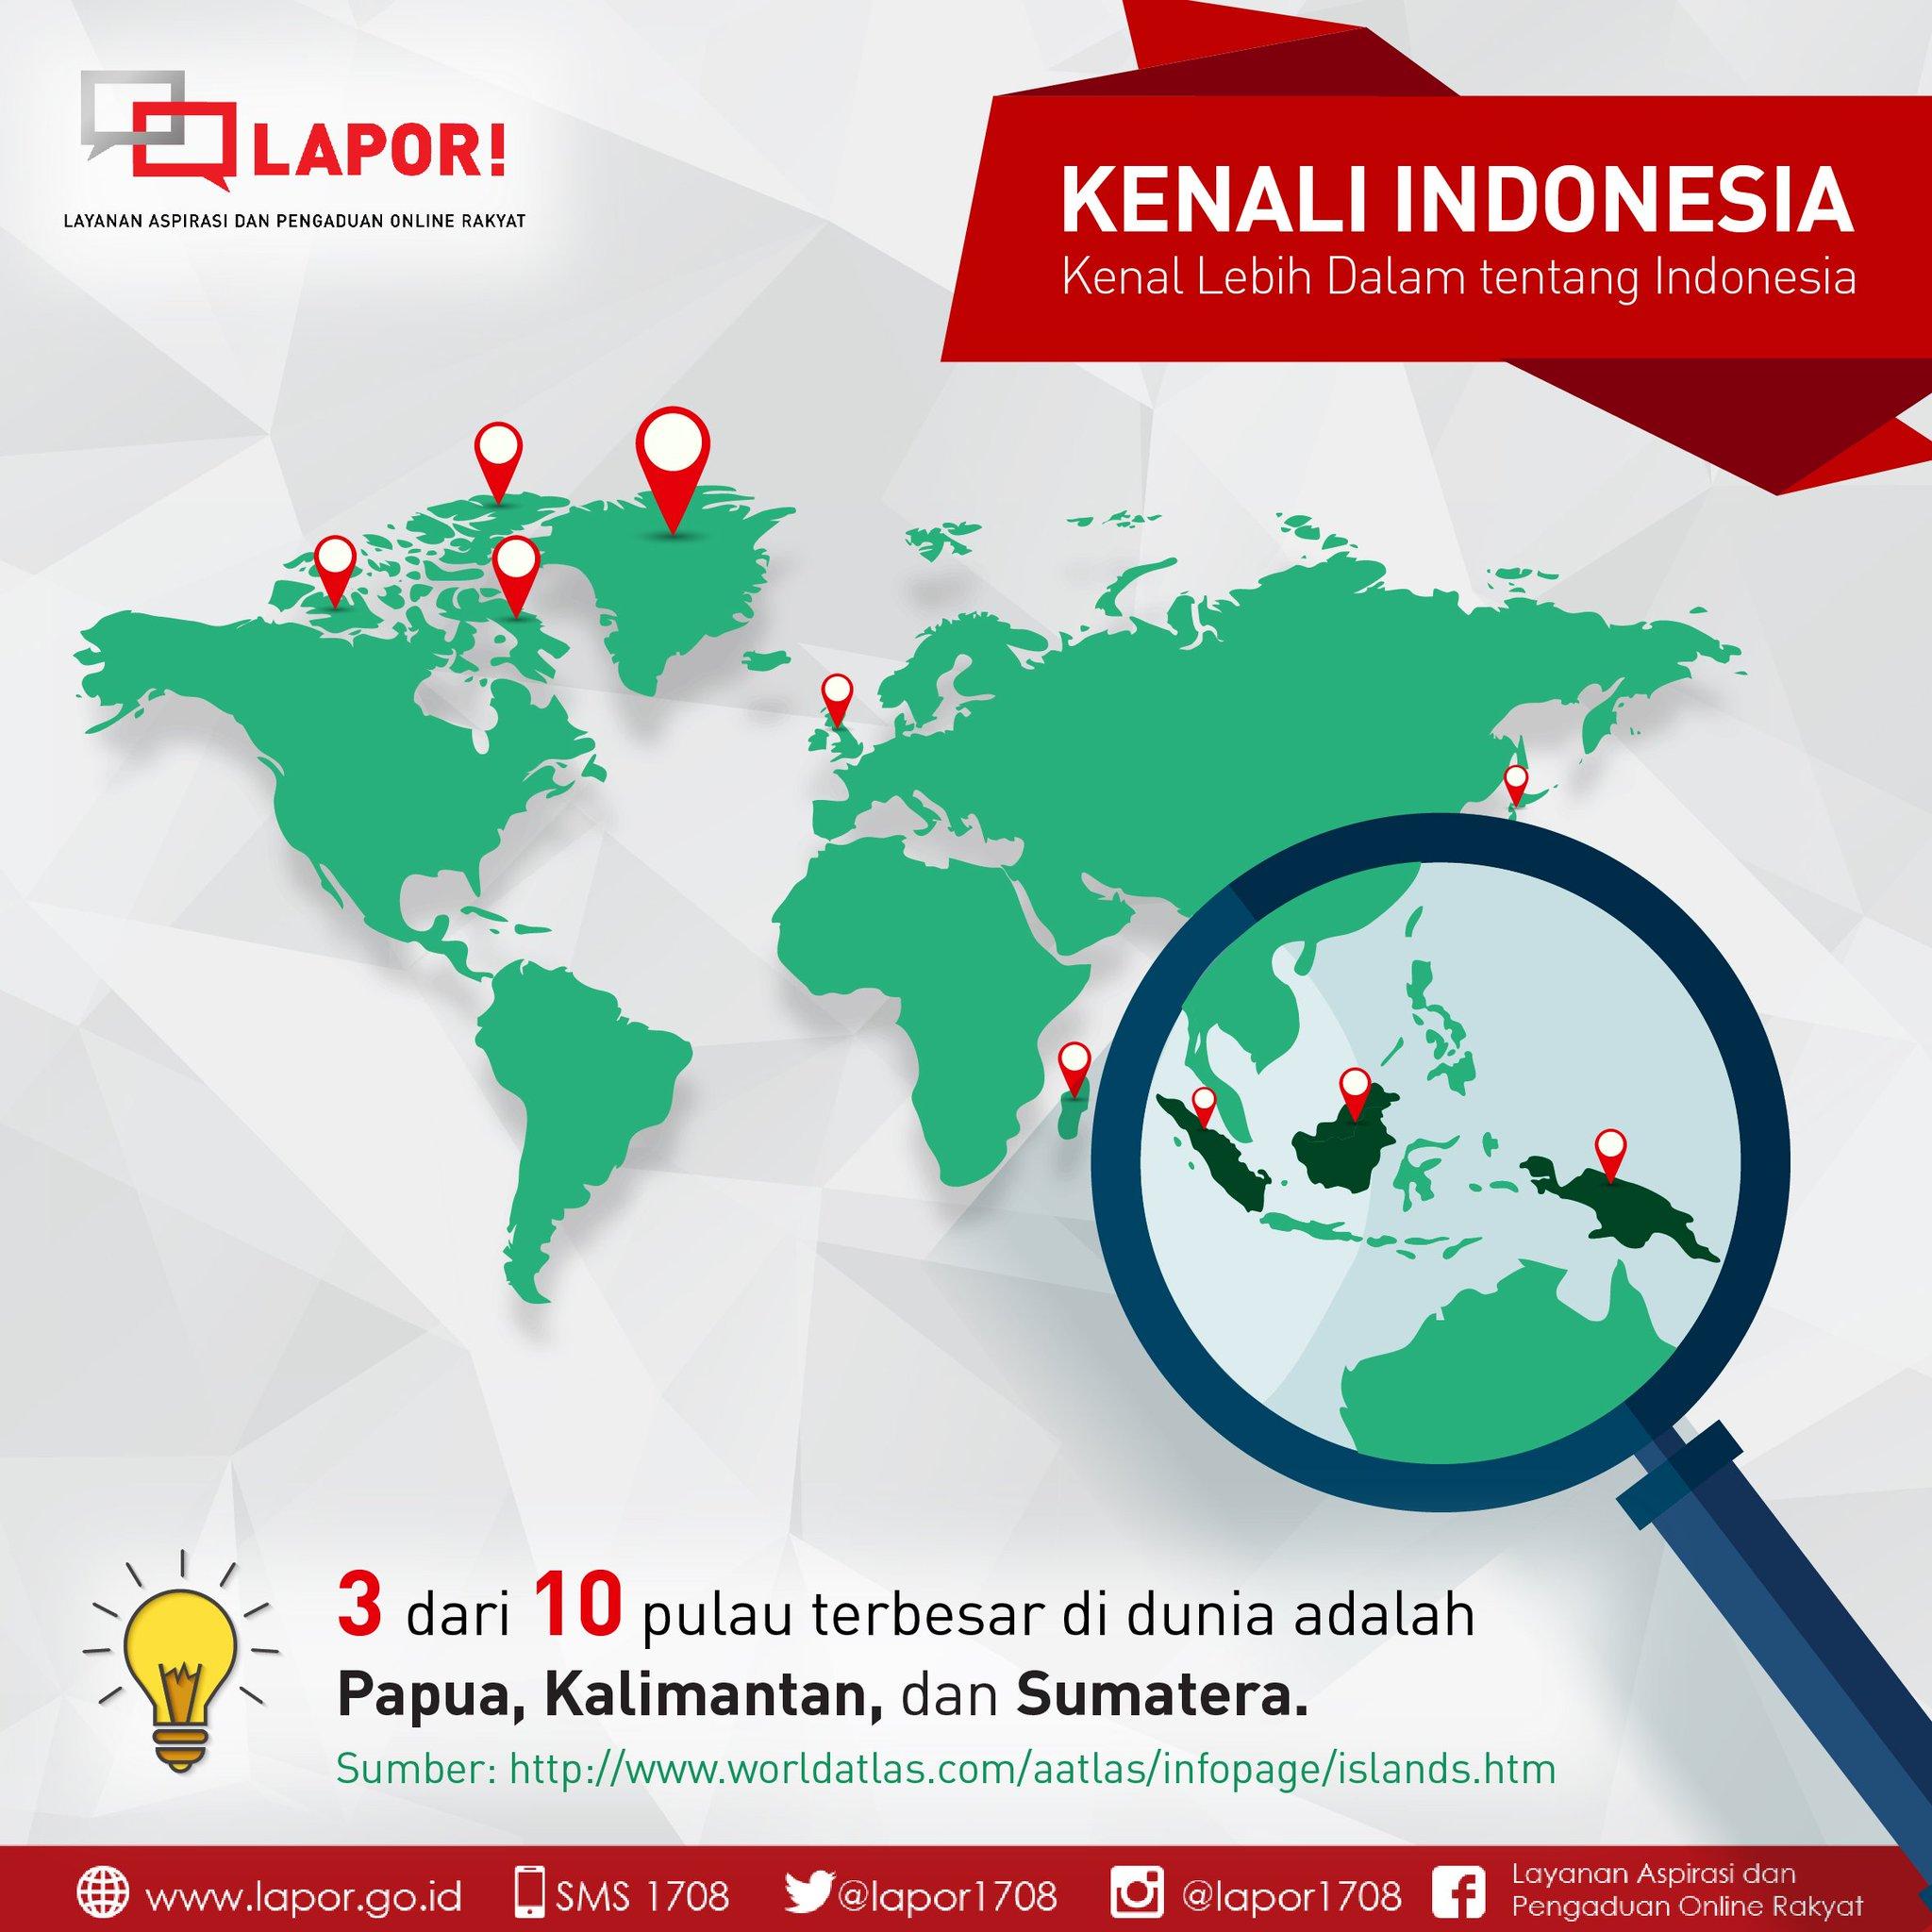 Lapor 1708 على تويتر Tahukah Anda Terdapat 10 Pulau Terbesar Di Dunia 3 Diantaranya Berada Di Indonesia Yakni Papua Kalimantan Dan Sumatera Kenali Indonesia Https T Co Krhmtqzldd